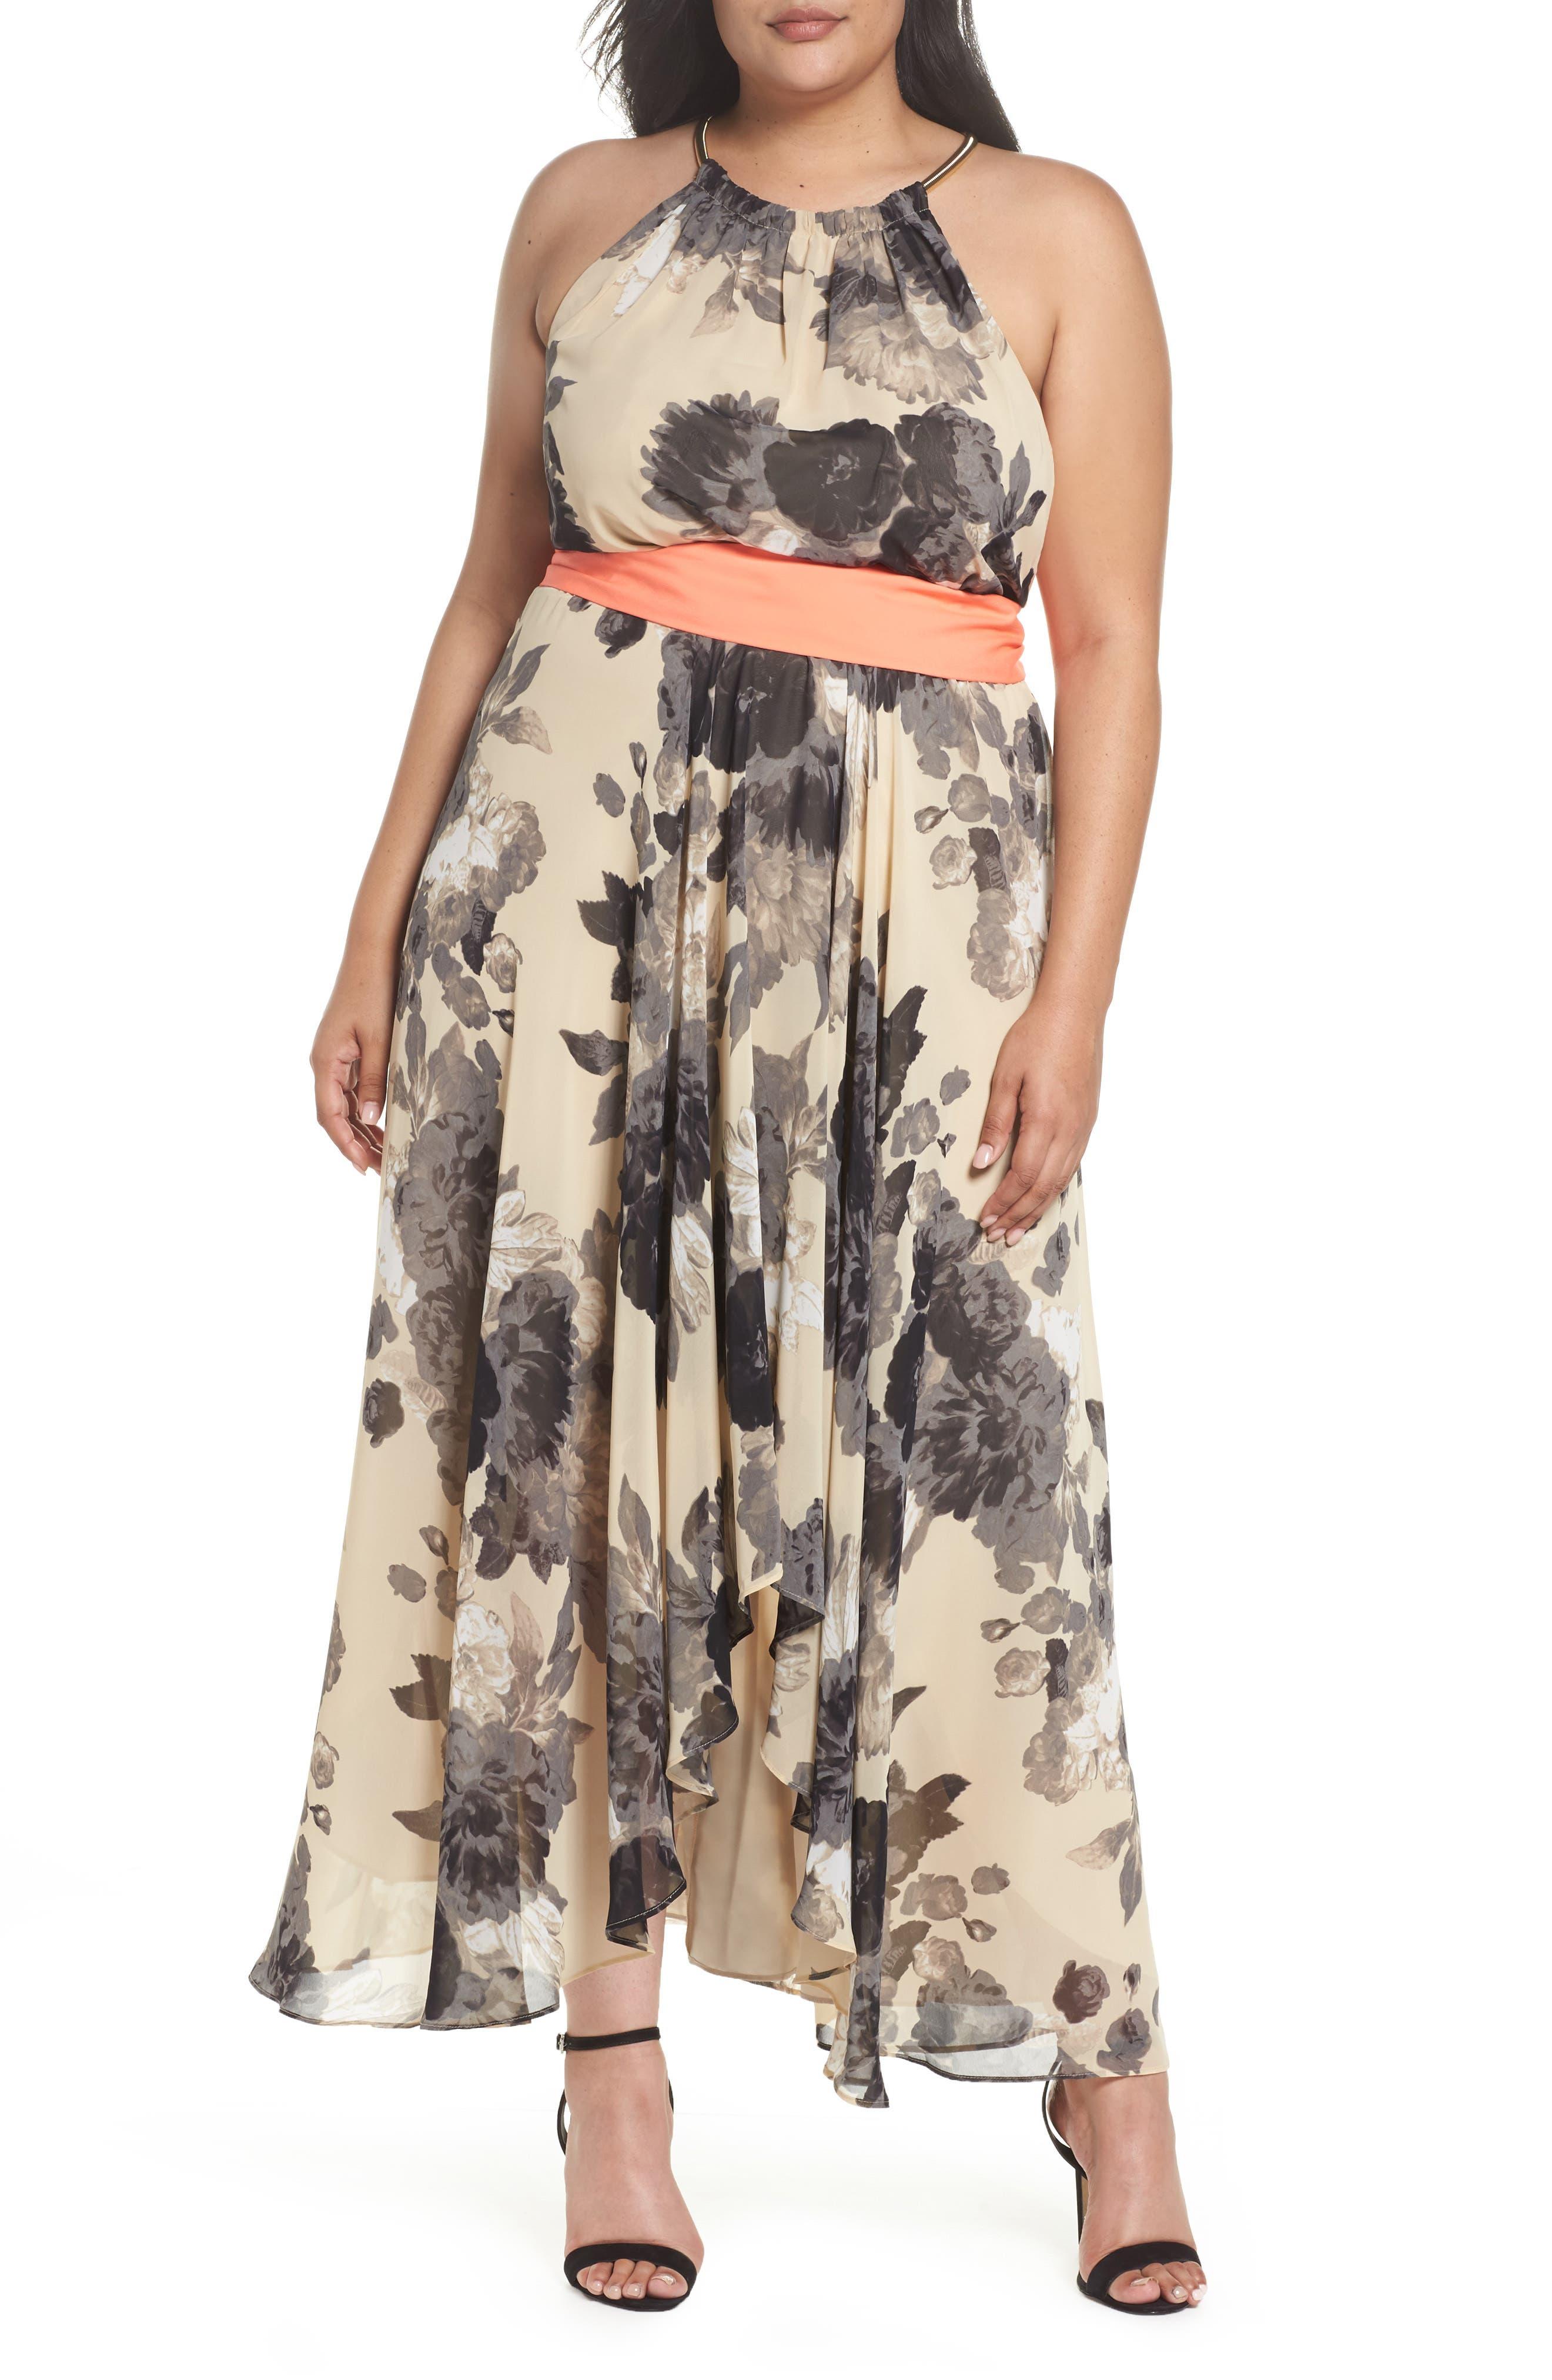 Main Image - Eliza J Floral Print Chiffon High/Low Dress (Plus Size)